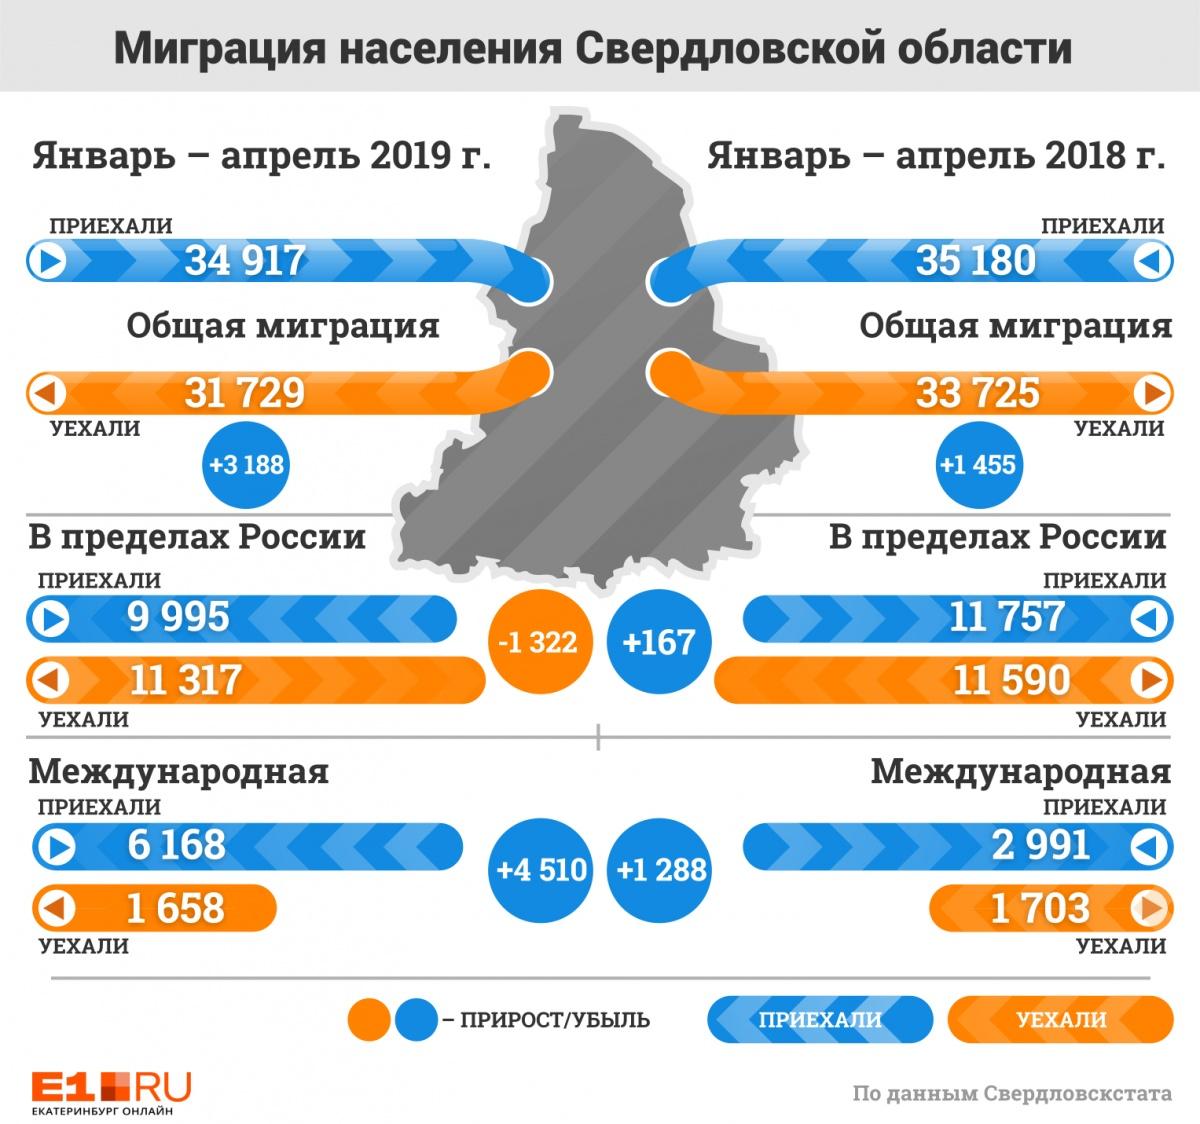 Уральцы стали меньше переезжать за границу, но чаще переселяться в другие регионы России